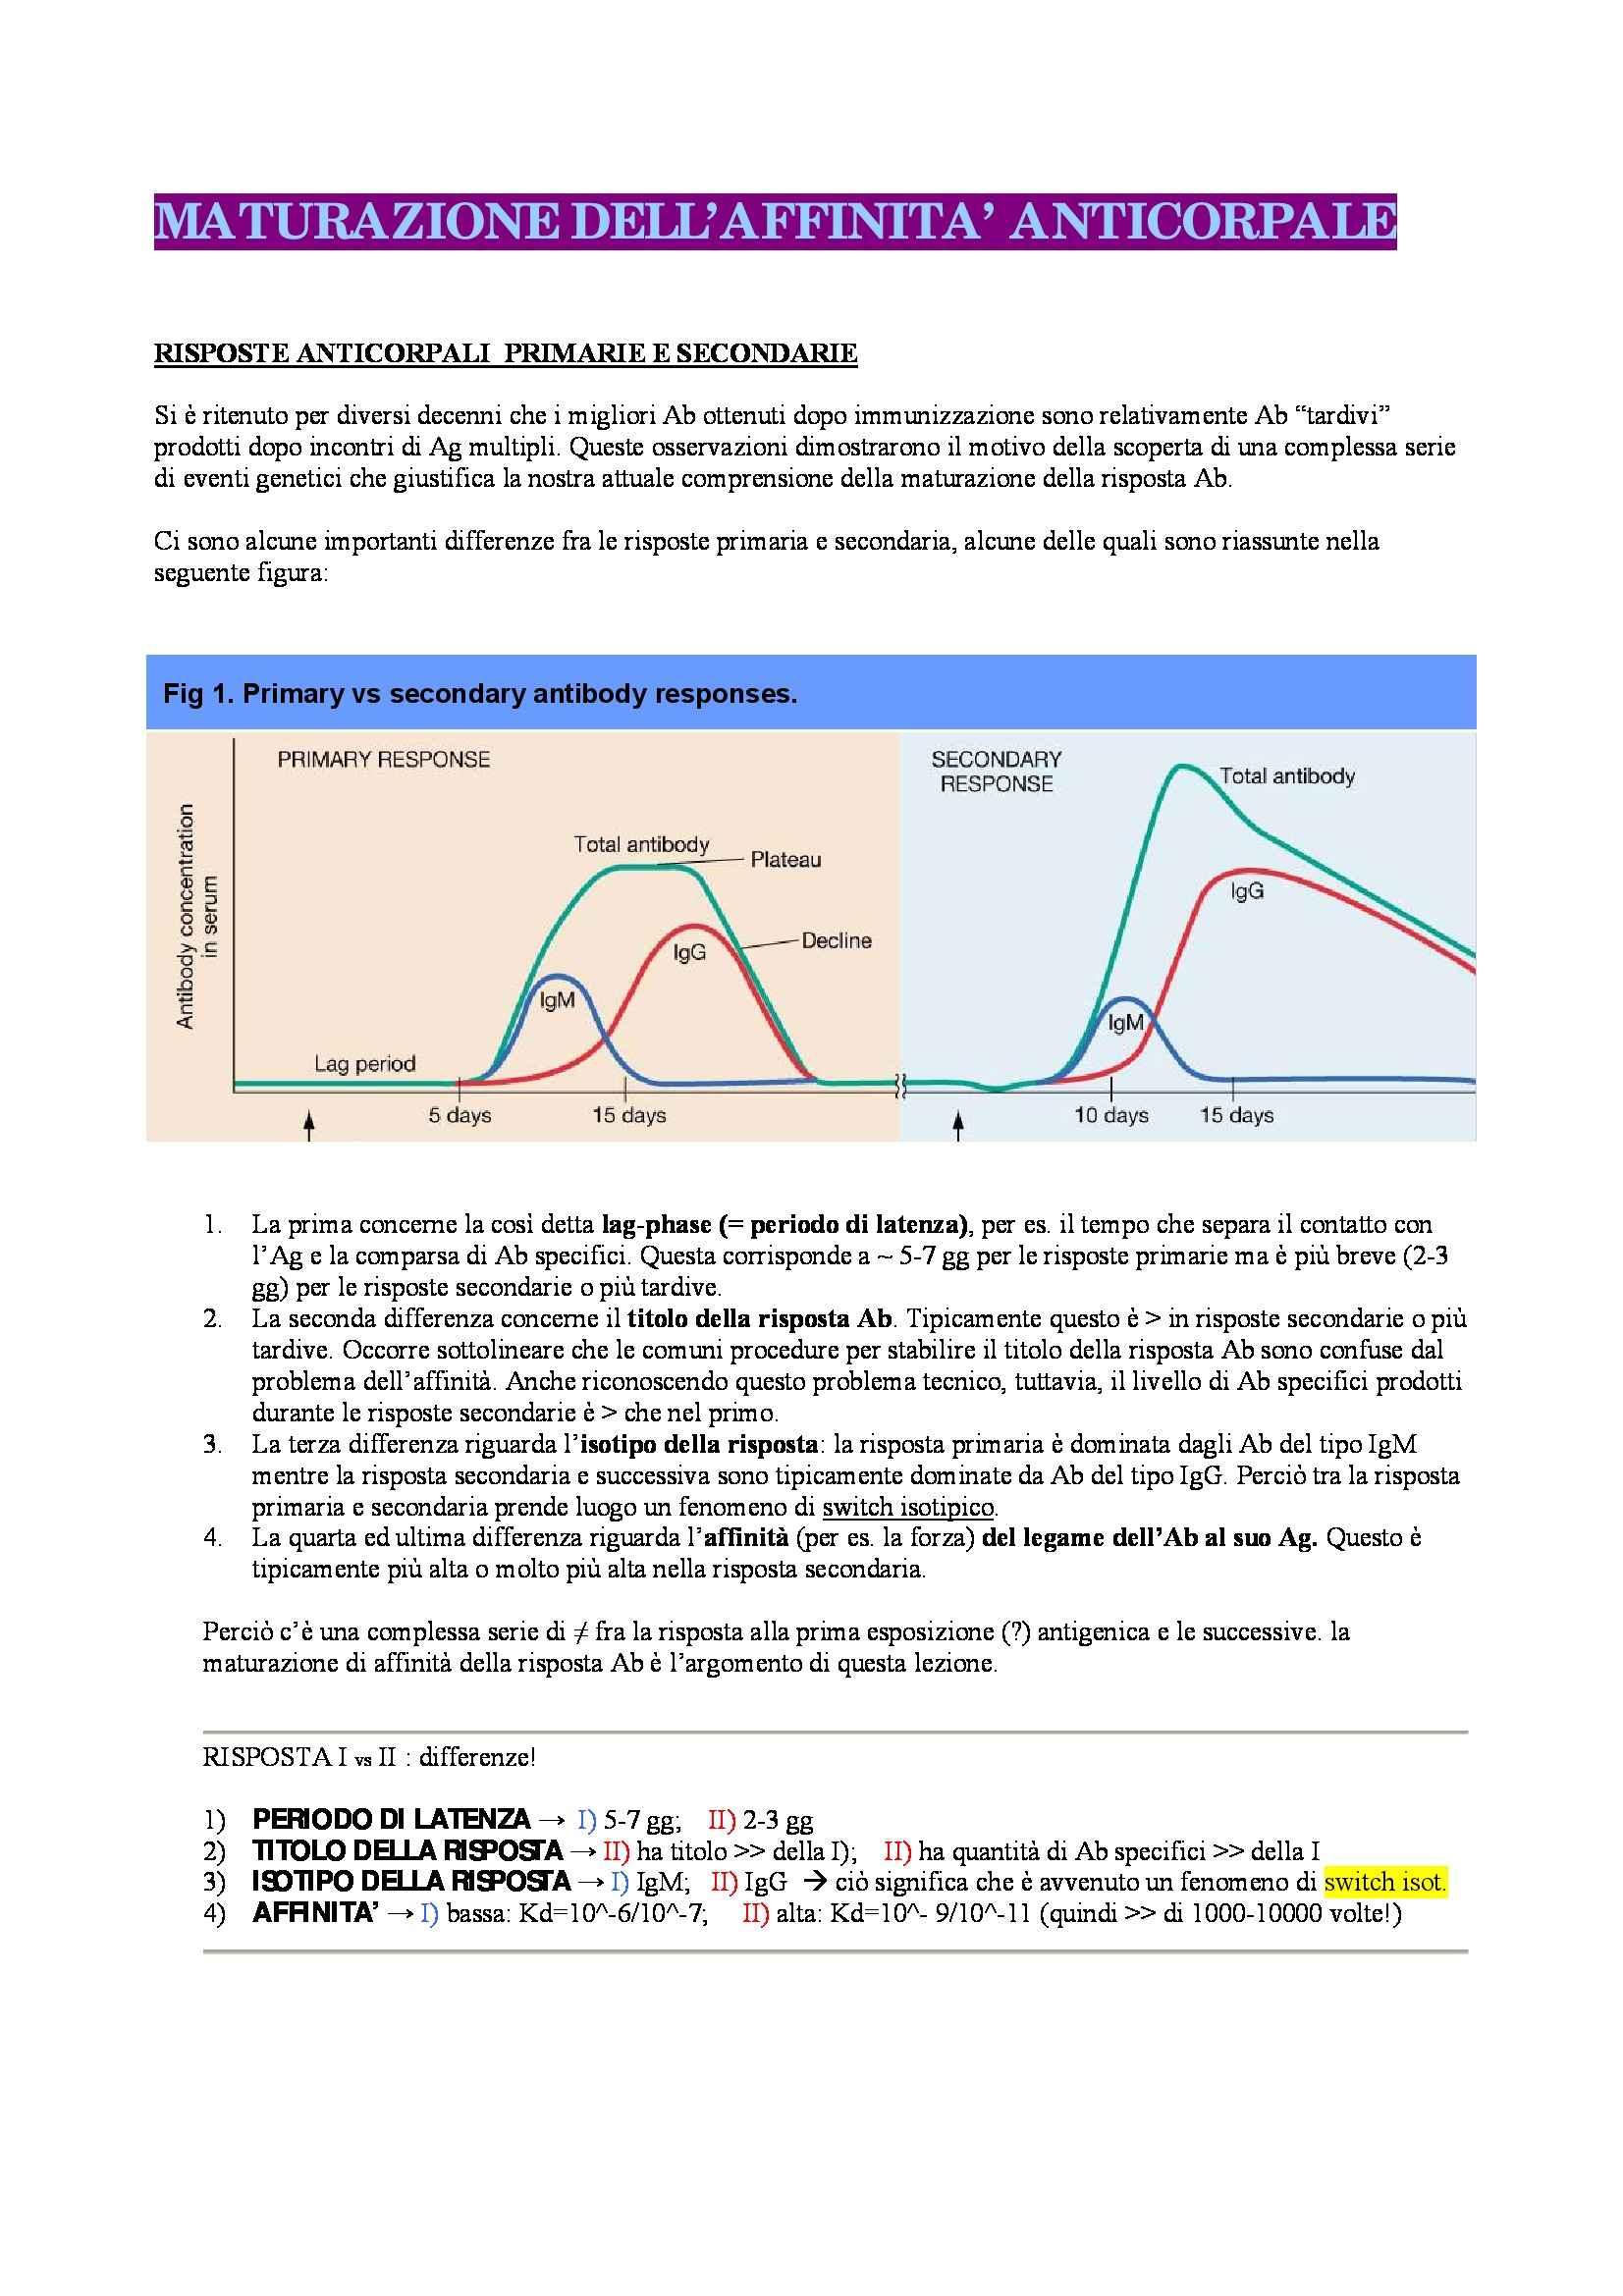 Immunologia - la maturazione dell'affinità anticorporale